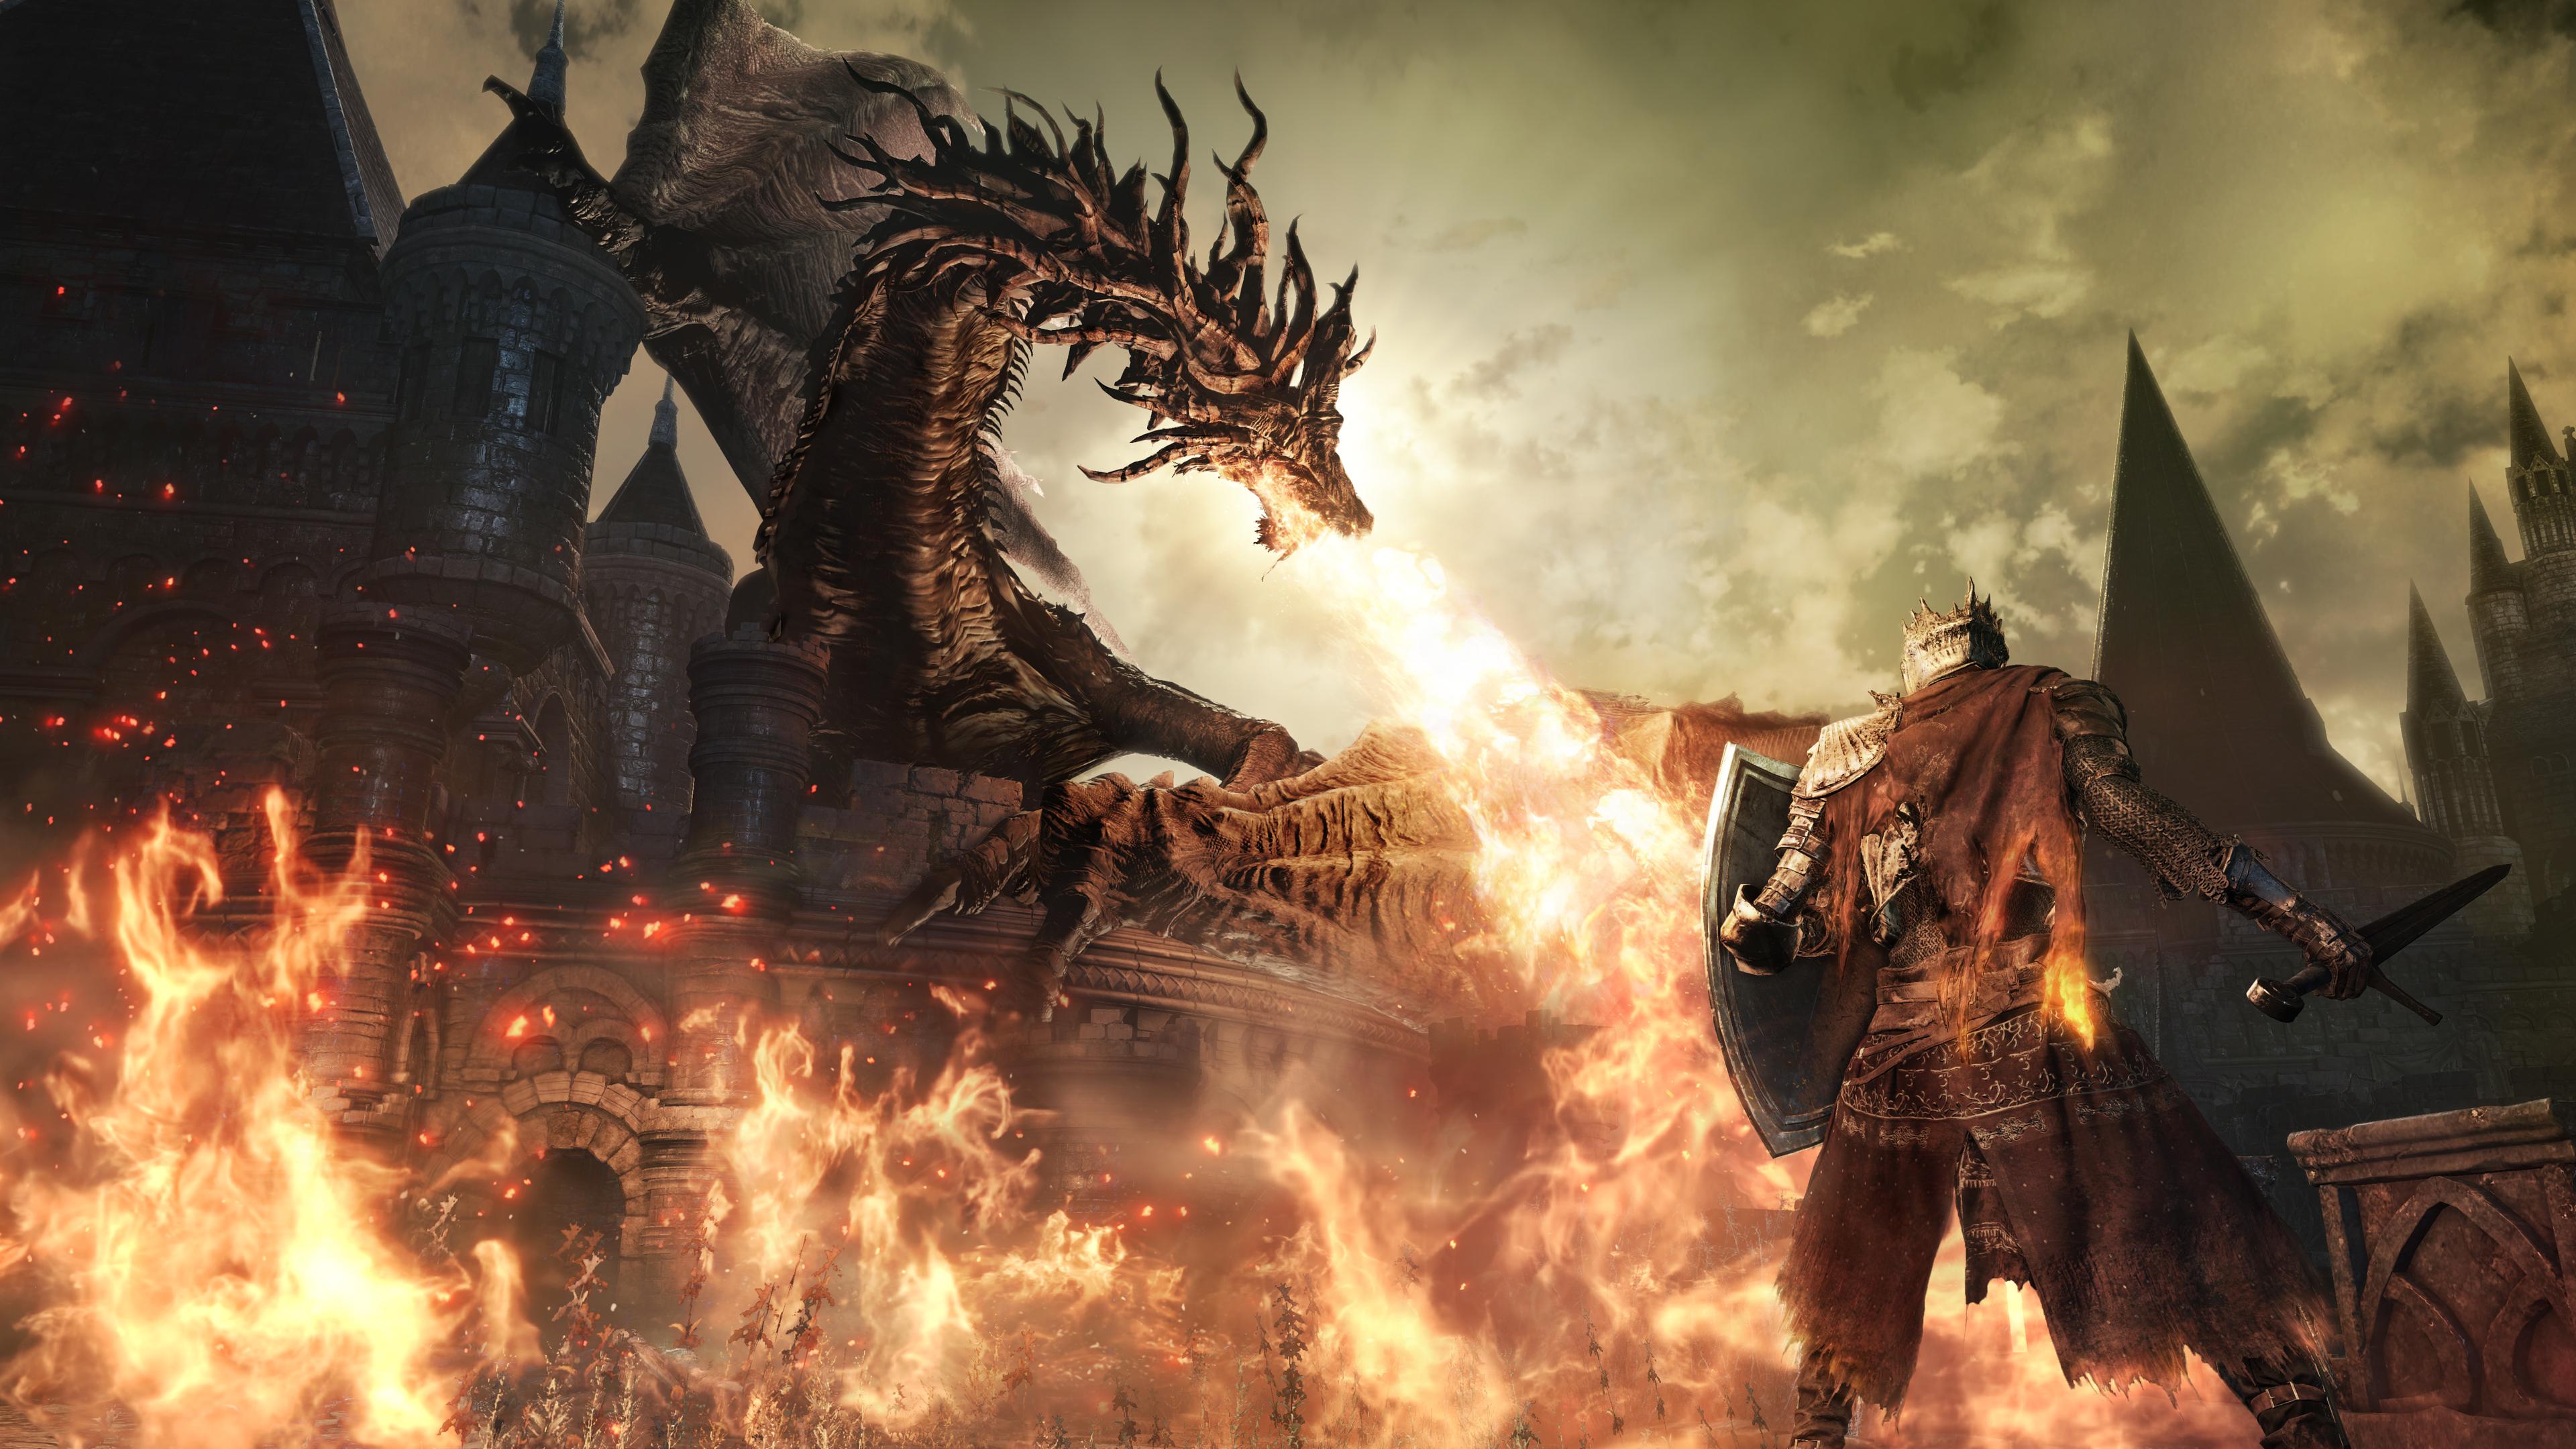 Dark Souls 3 Wallpaper - WallpaperSafari